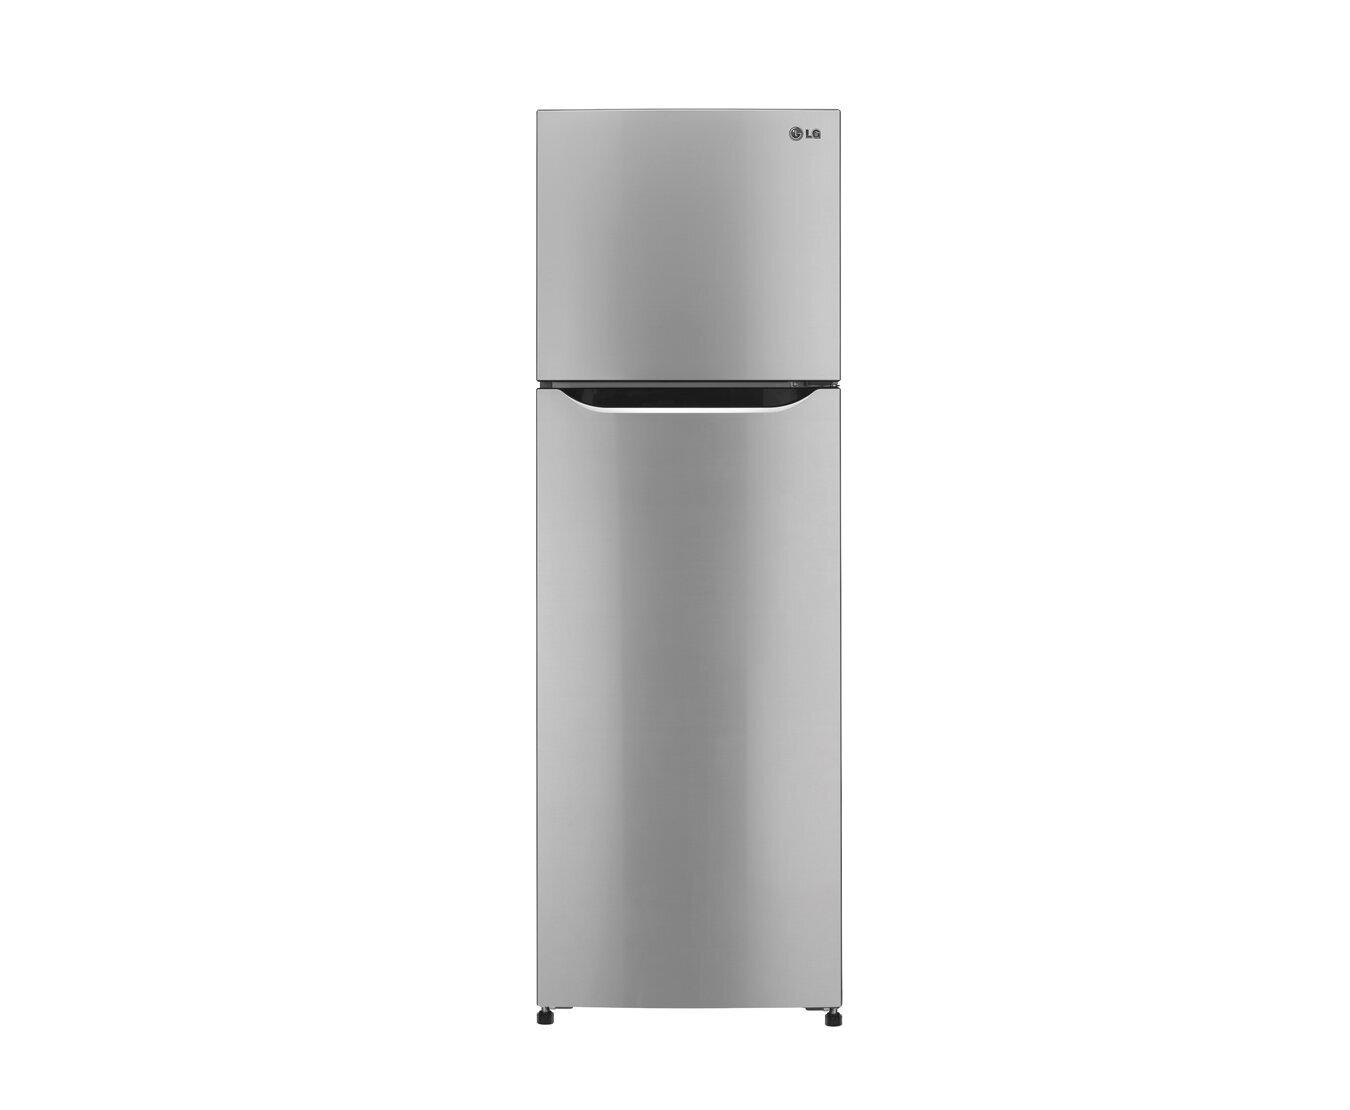 Tủ lạnh LG GNL222PS (GN-L222PS) - 209 lít, 2 cửa, Inverter